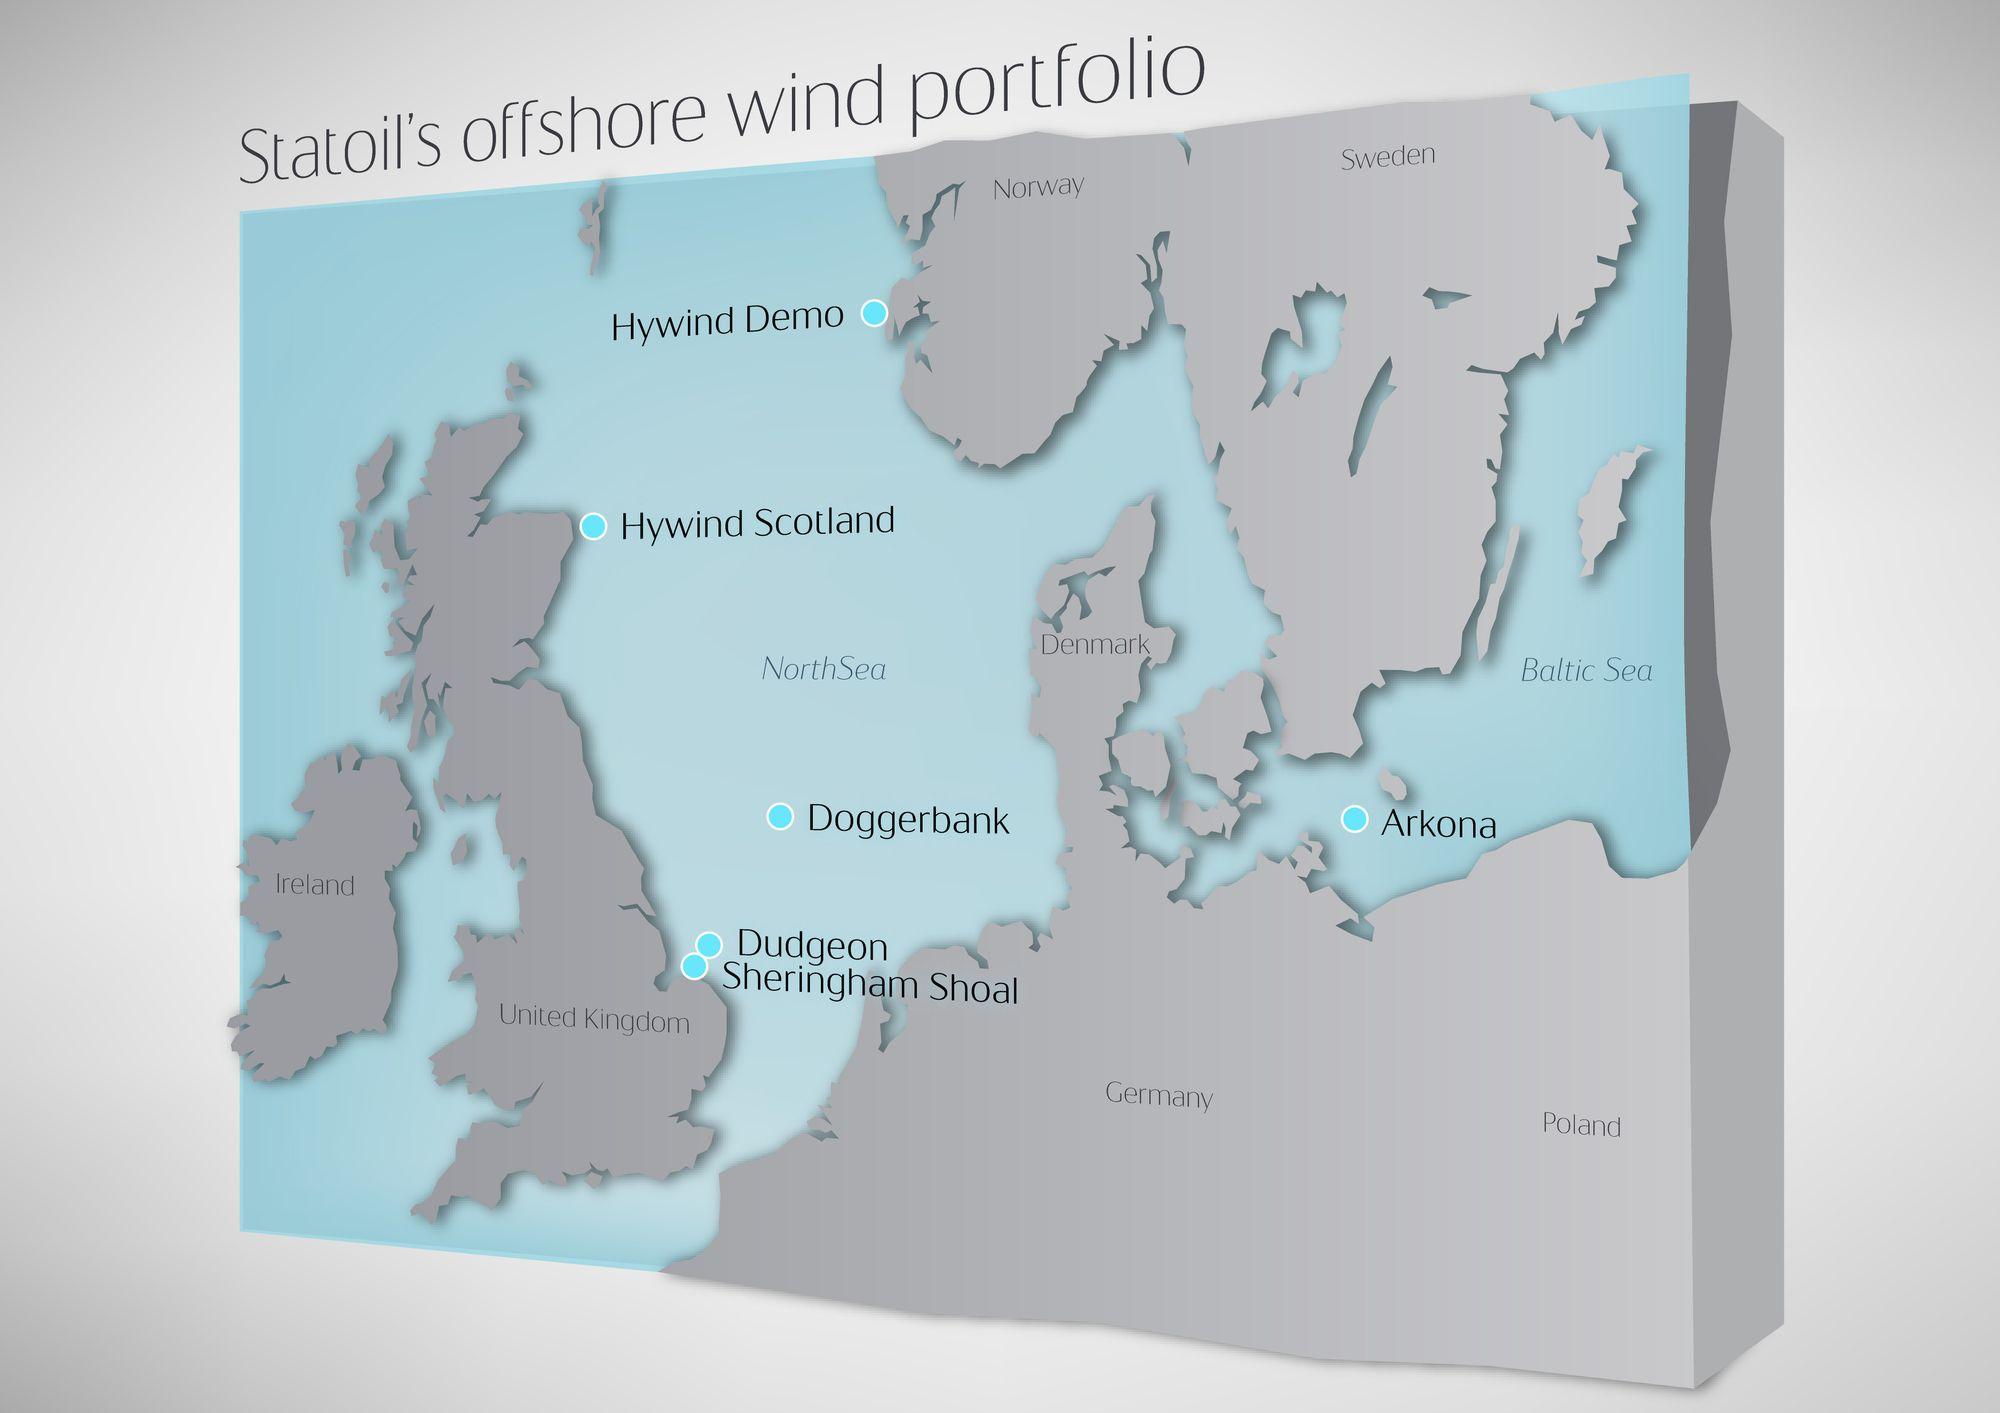 Første utenfor Storbritannia: Hittil har samtlige av Statoils eksisterende og kommende havvindparker ligger i Storbritannia.